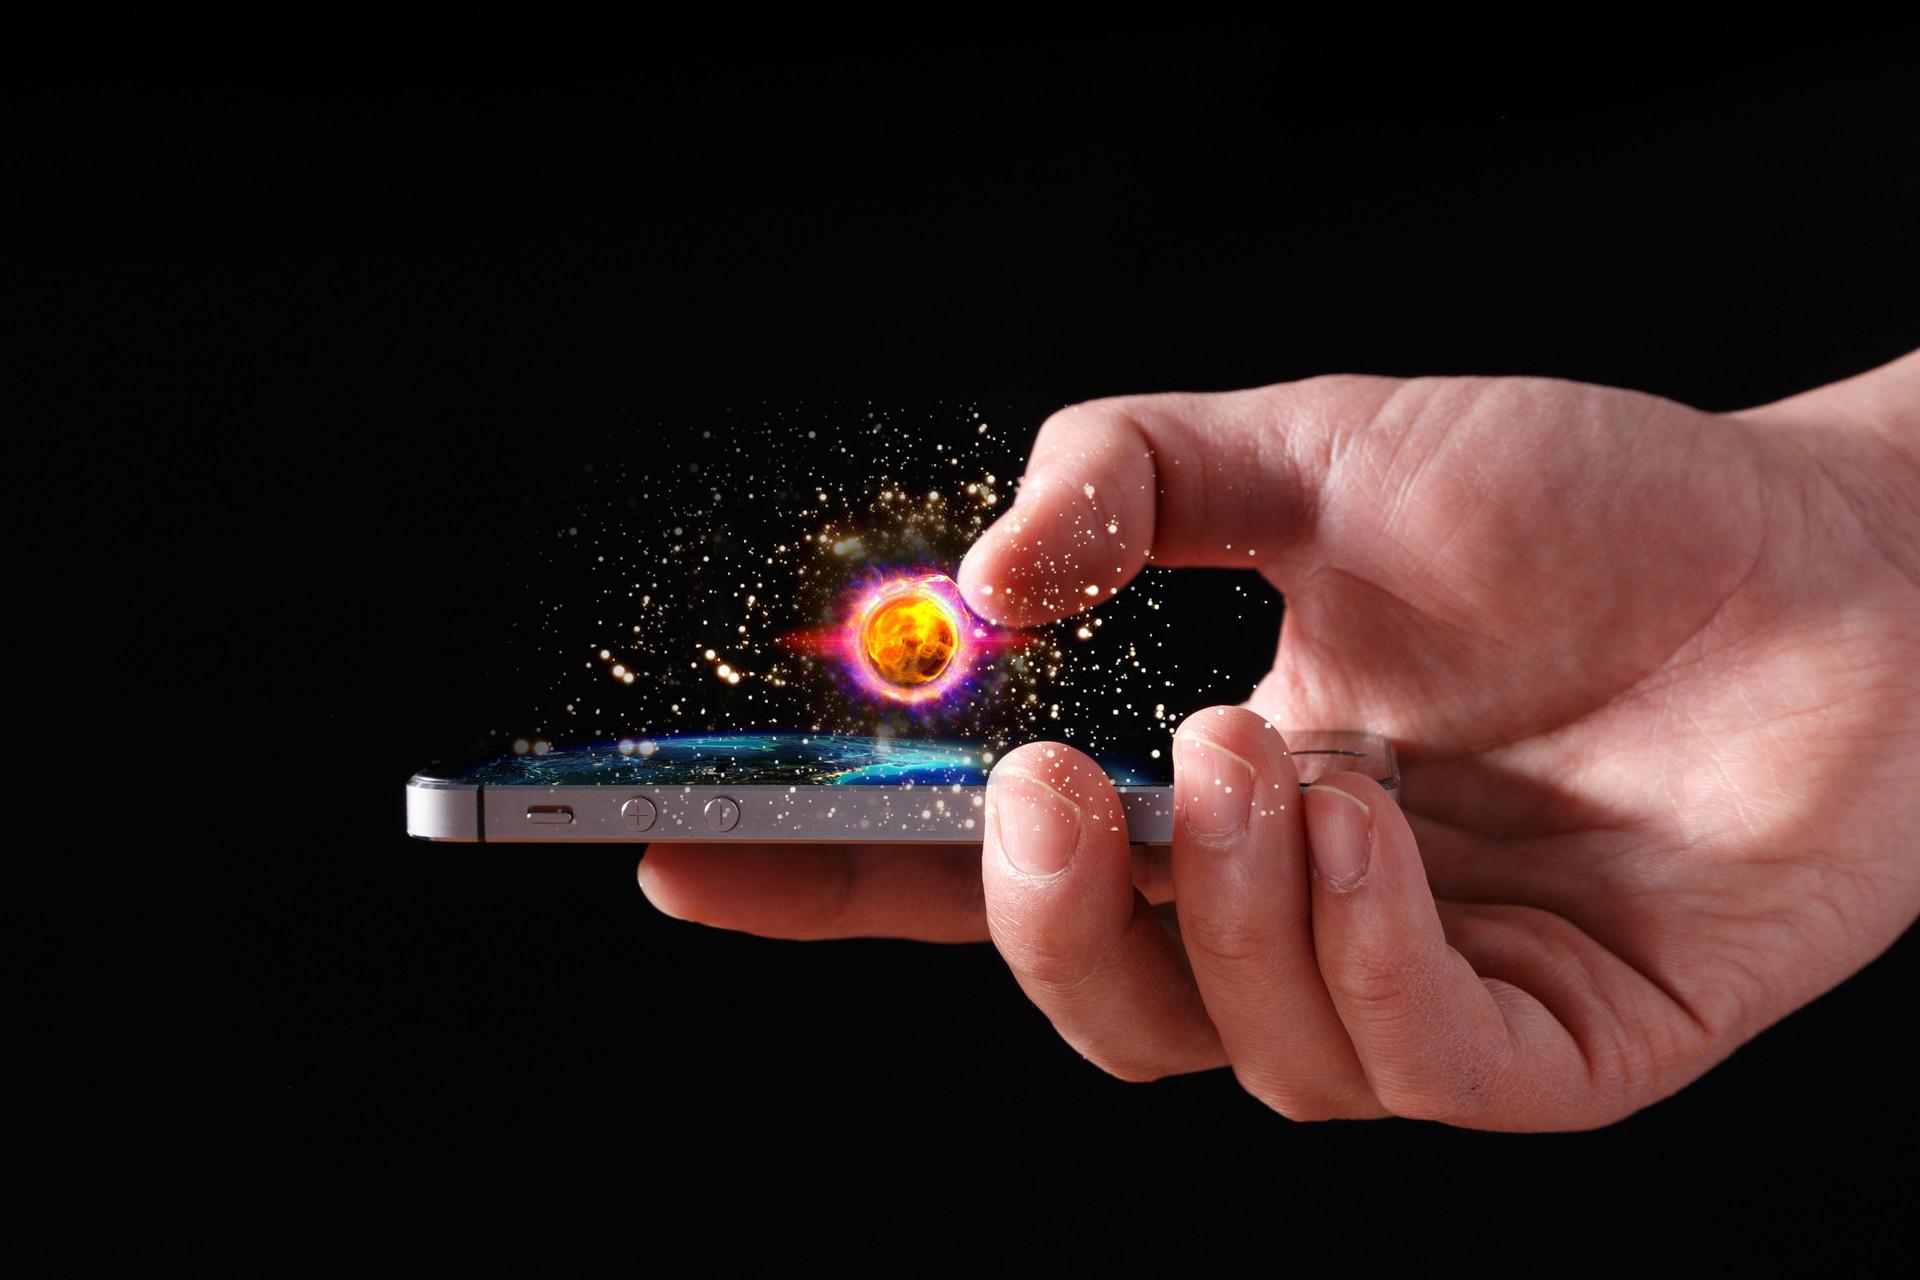 曾经巅峰时刻的苹果手机